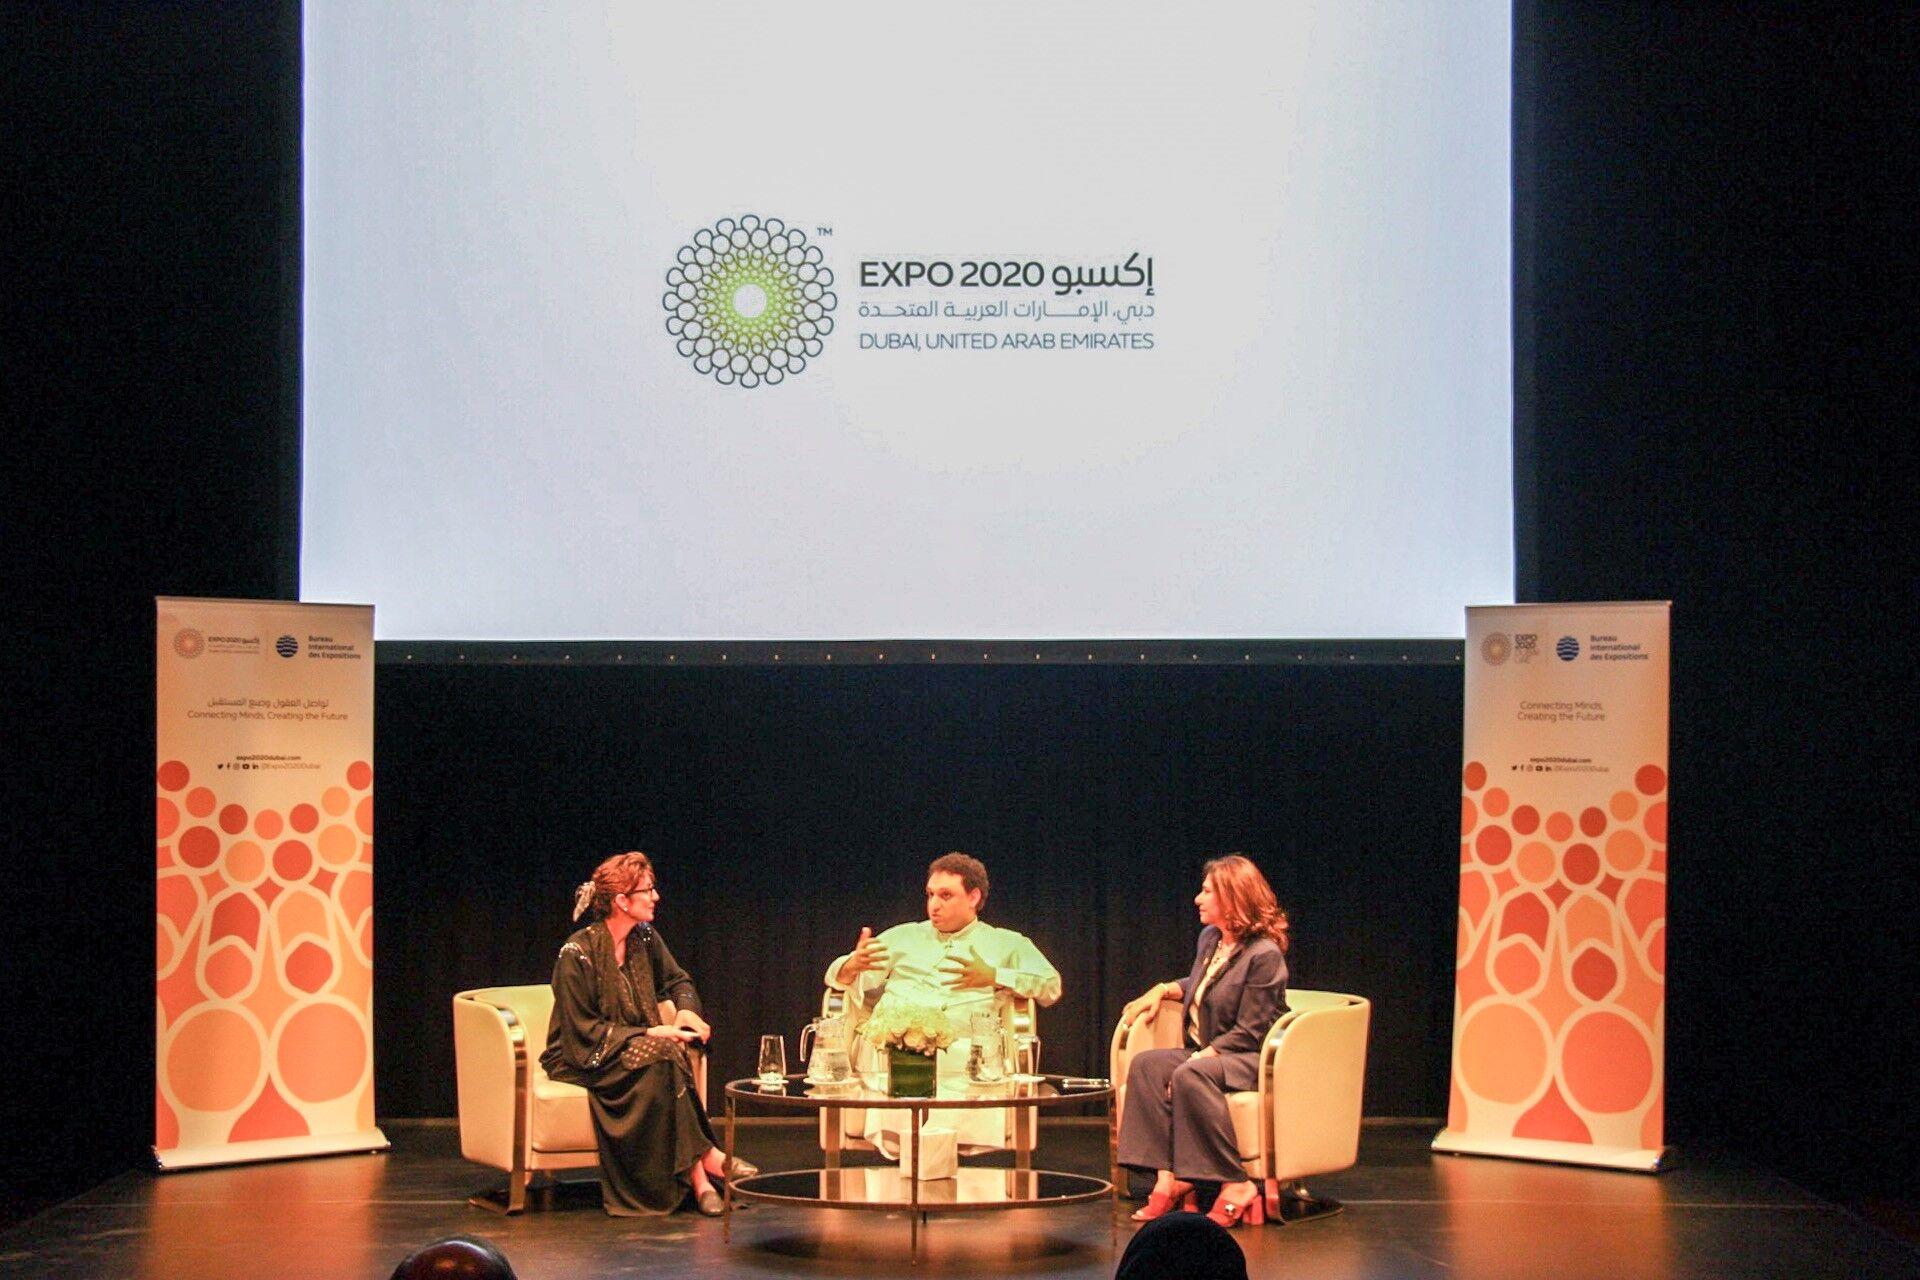 expo 2020 dubai launches first uae opera  2